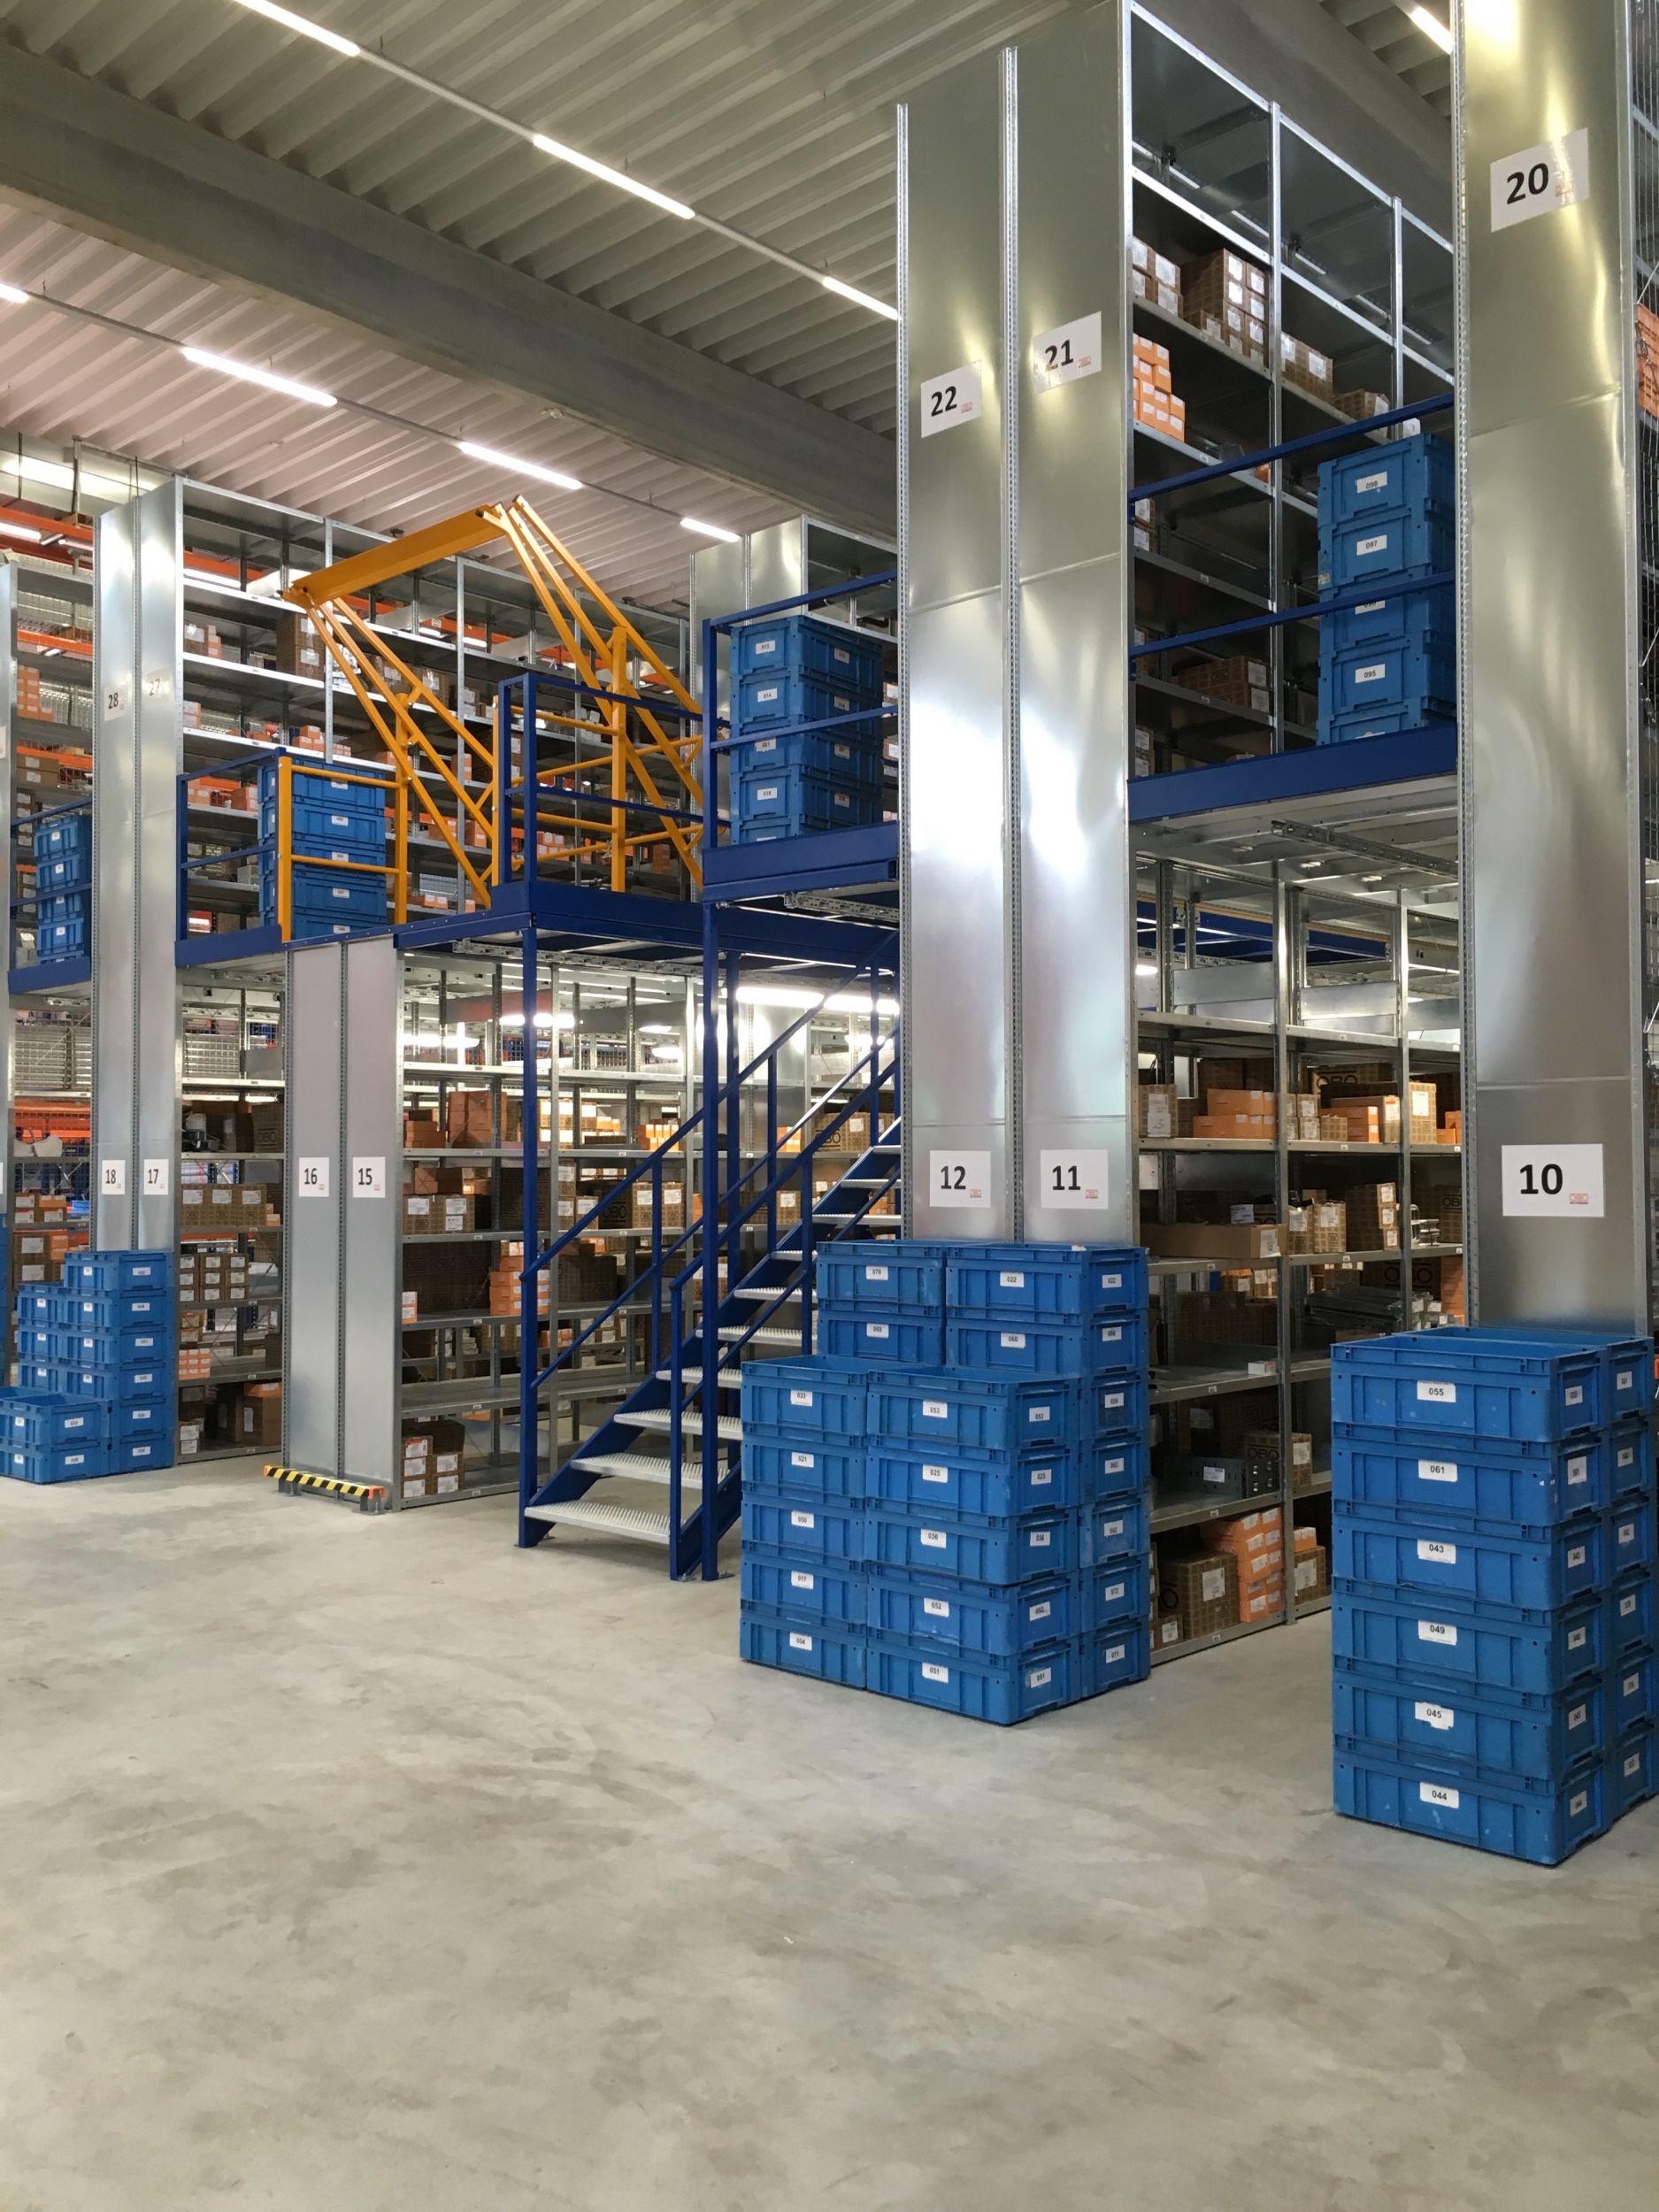 OBO Bettermann eröffnet neuen Logistikstützpunkt für Norddeutschland